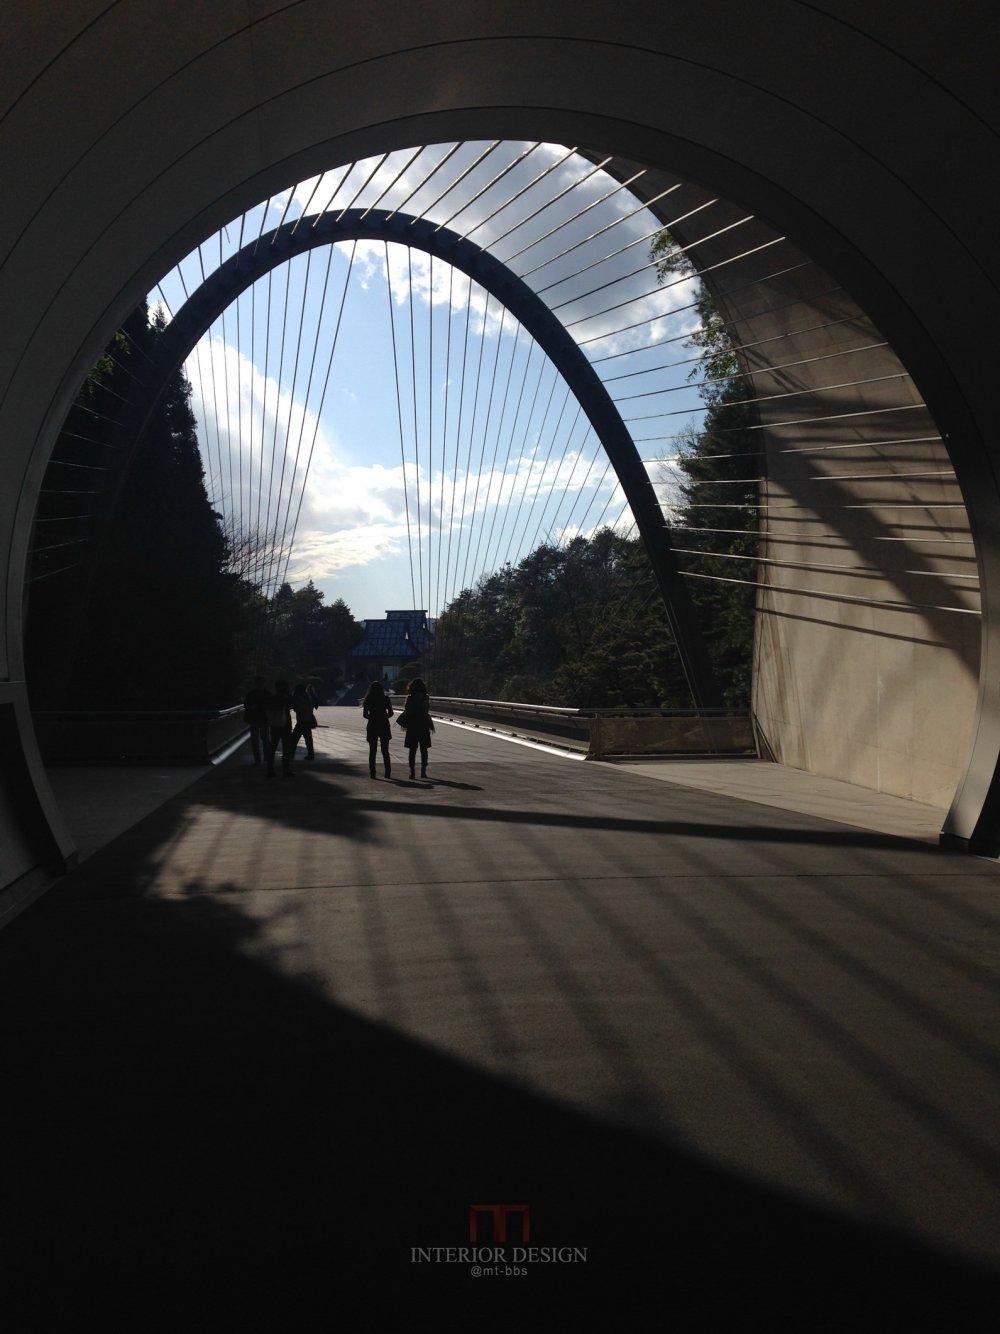 日本美秀美术馆MIHO MUSEUM自拍分享-贝聿铭_IMG_7168.JPG